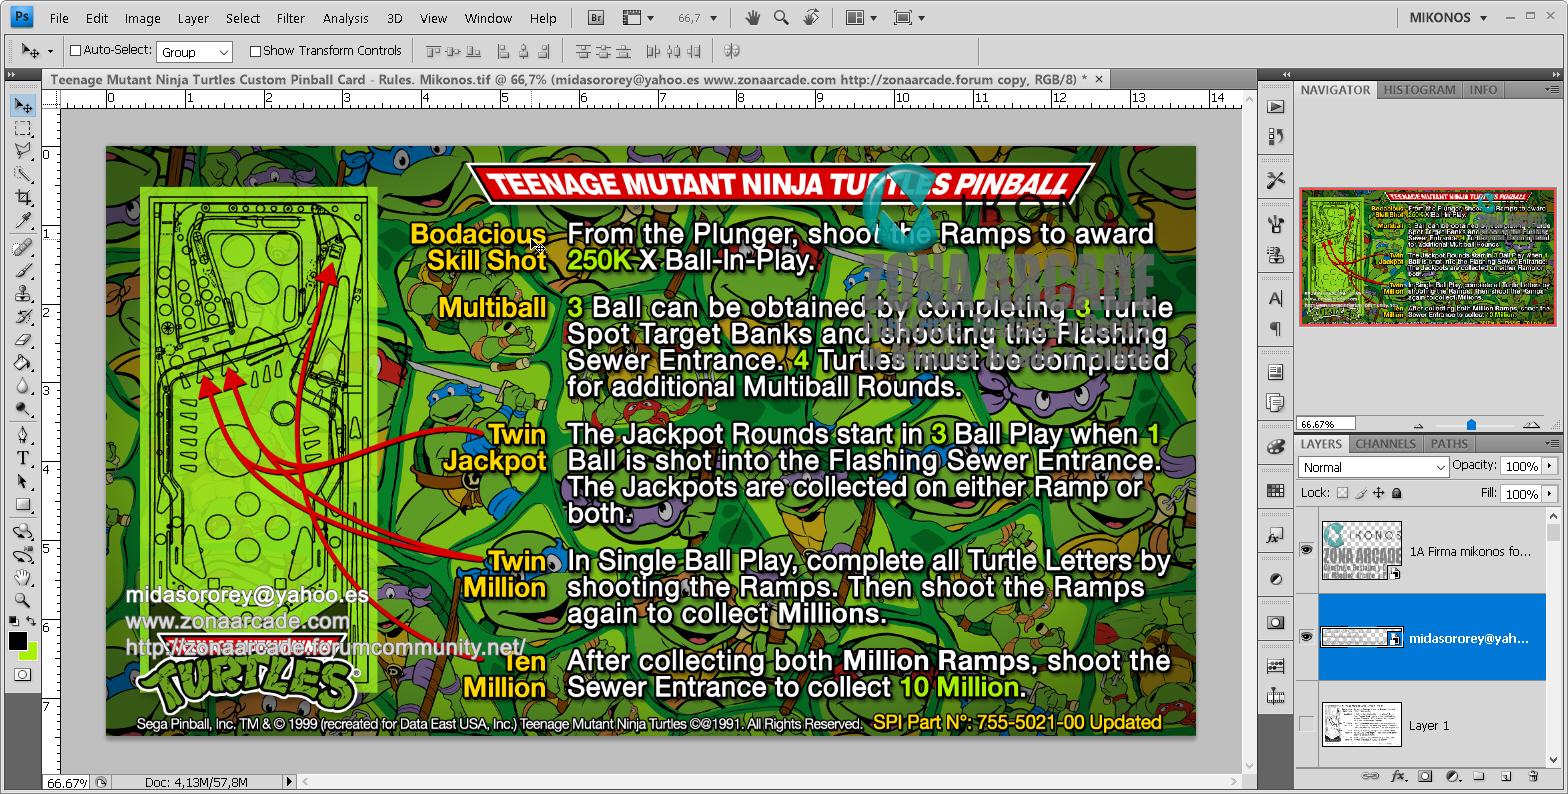 Teenage Mutant Ninja Turtles Pinball Card Customized - Rules. Mikonos1